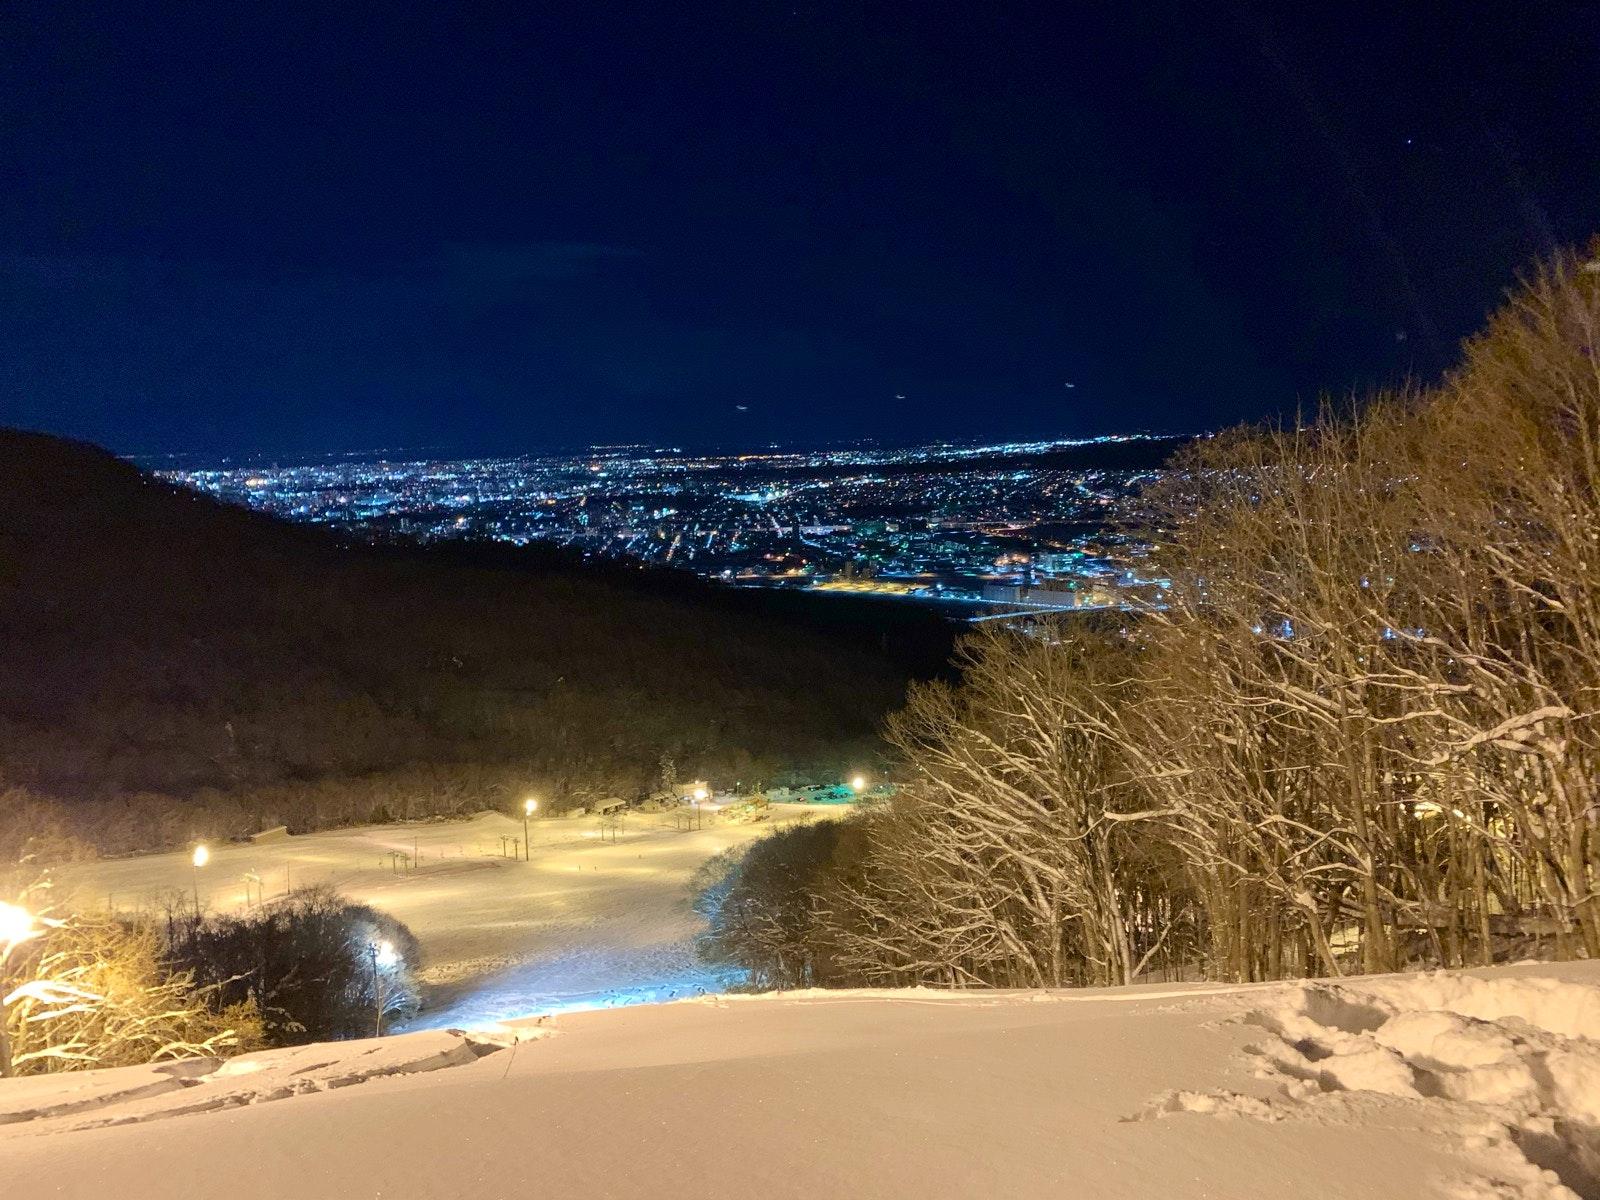 スキー オープン 場 岩山 藻